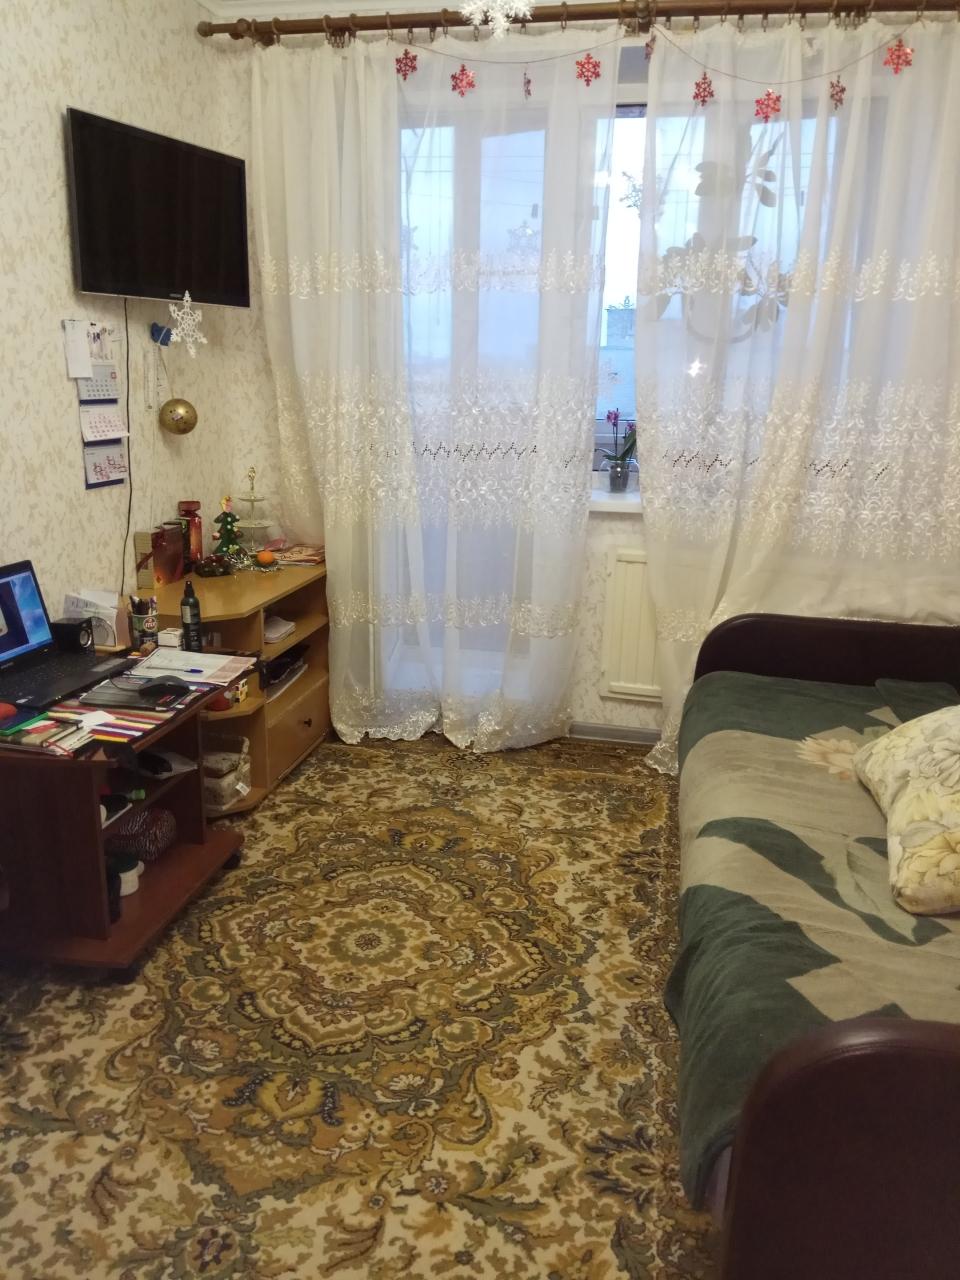 http://arendaspb24.pro.bkn.ru/images/s_big/6a64b023-f2ab-11e7-b300-448a5bd44c07.jpg